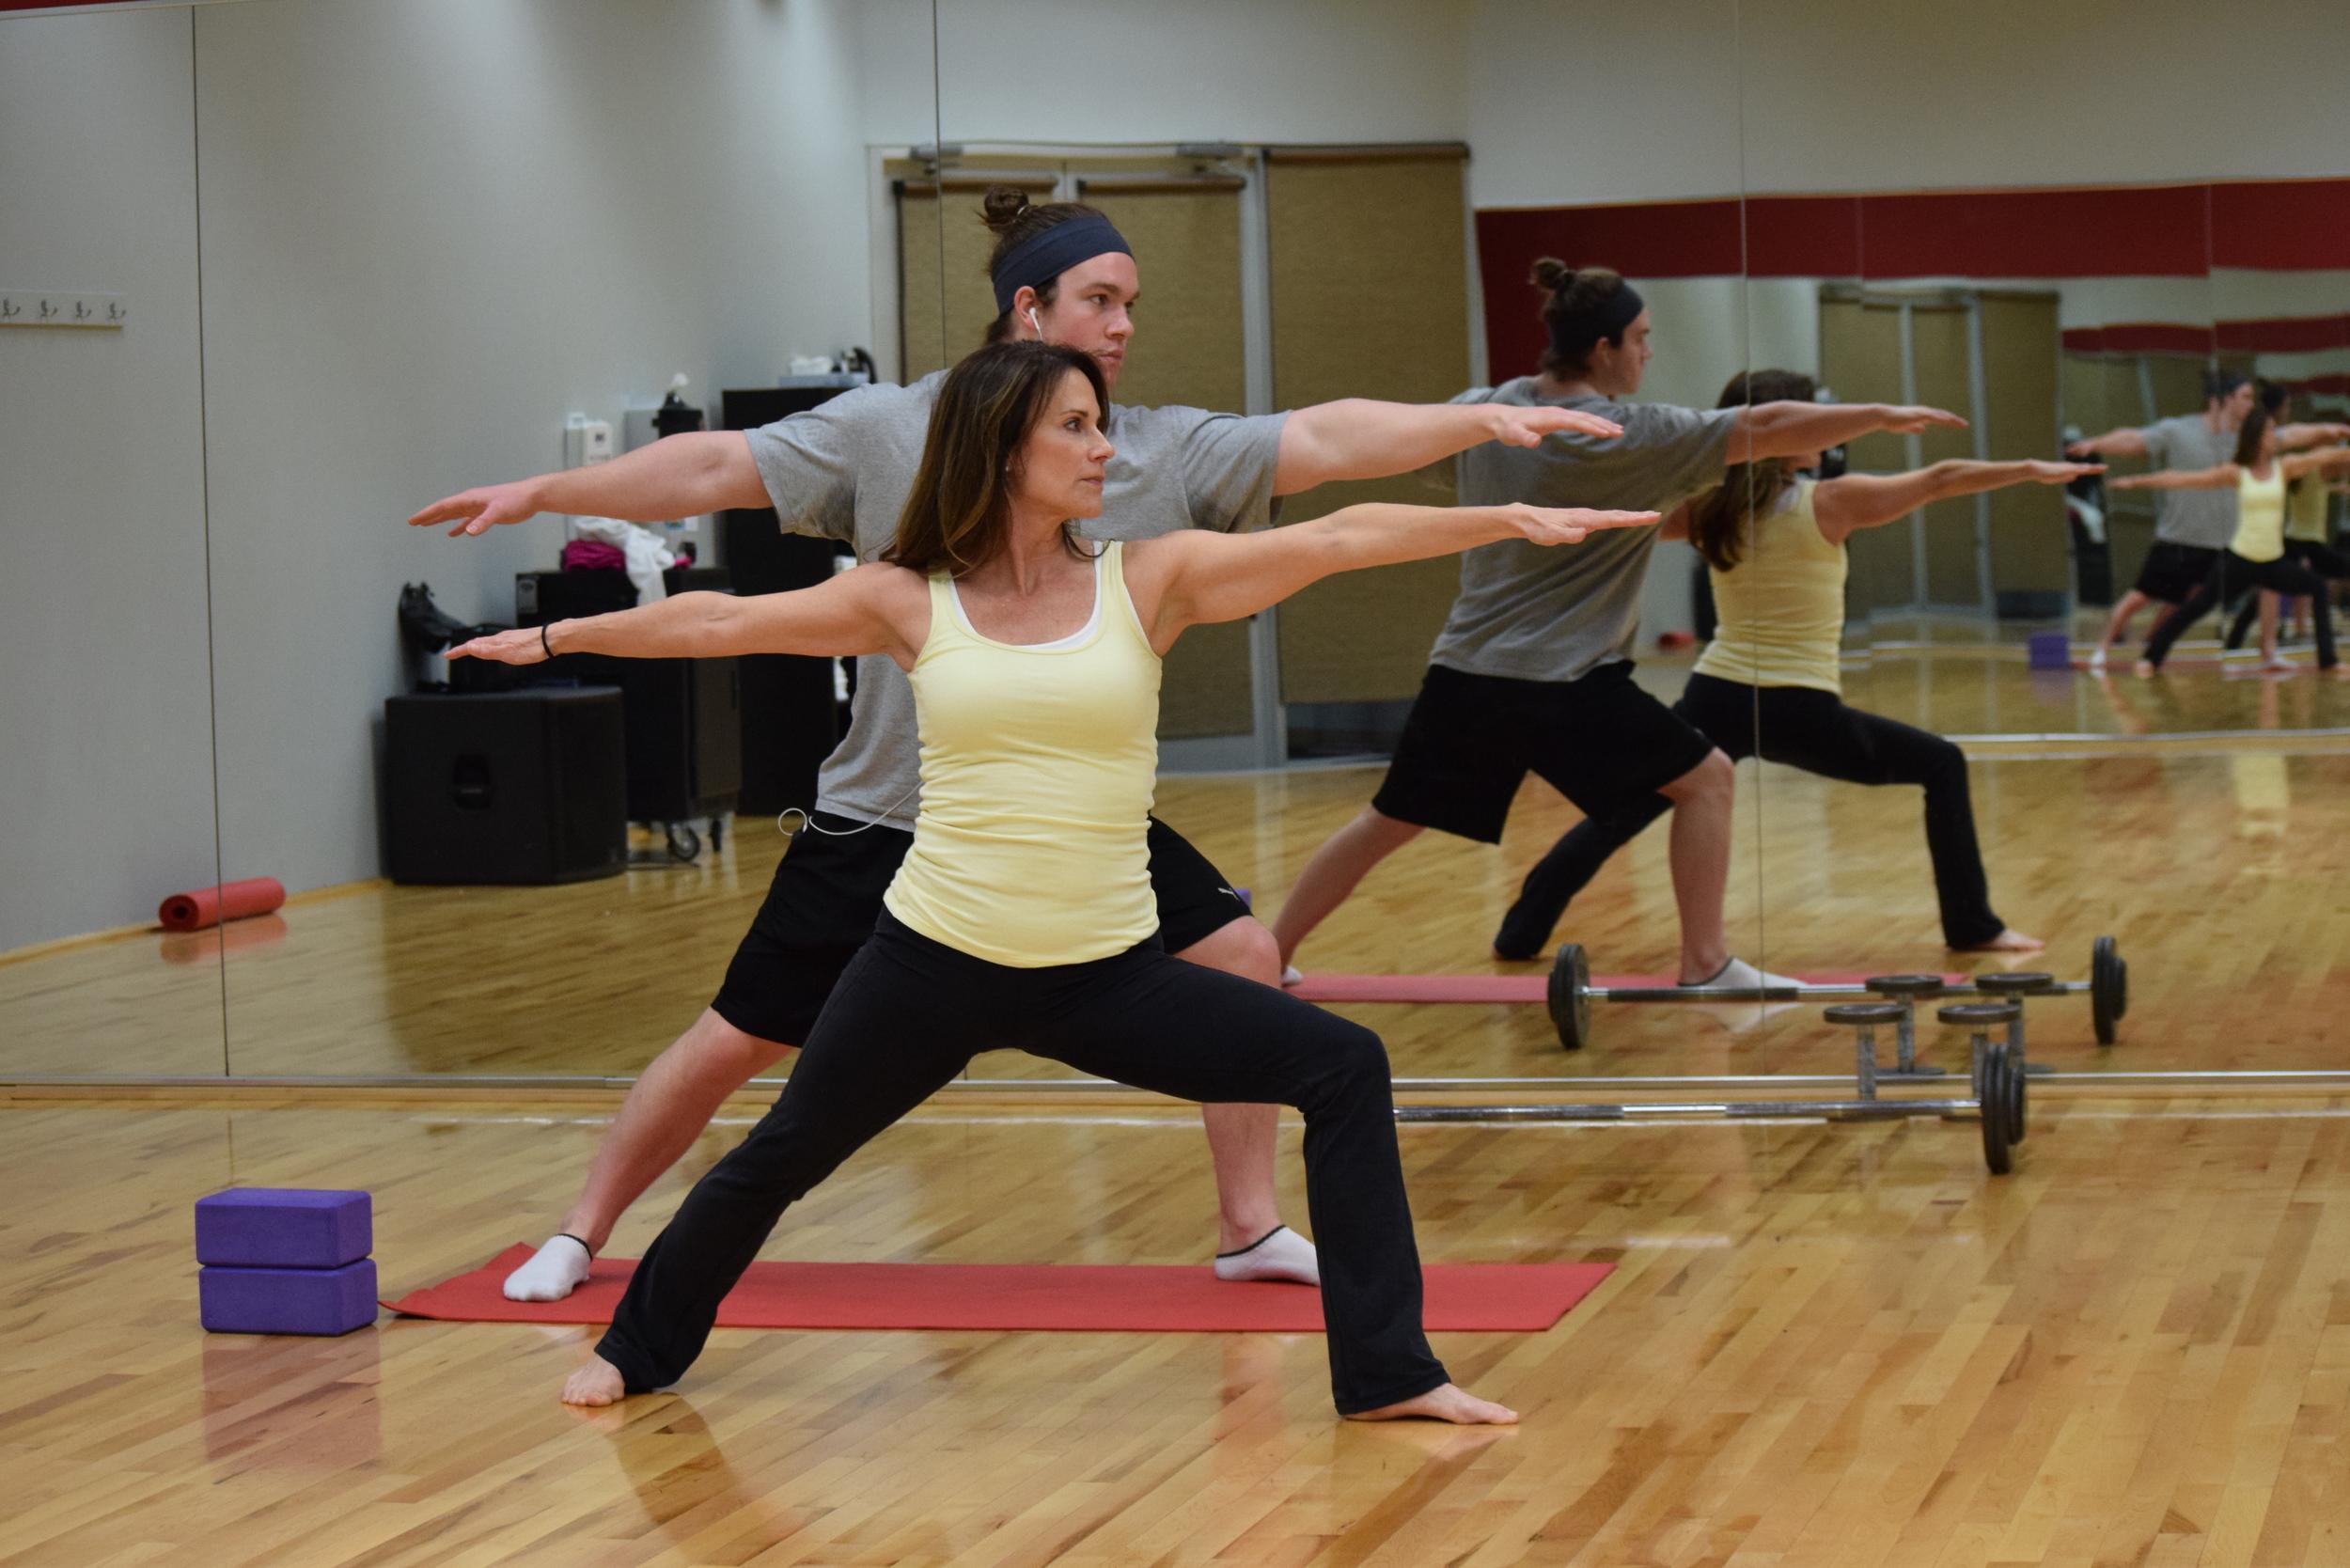 yoga-fit-nation-gurnee